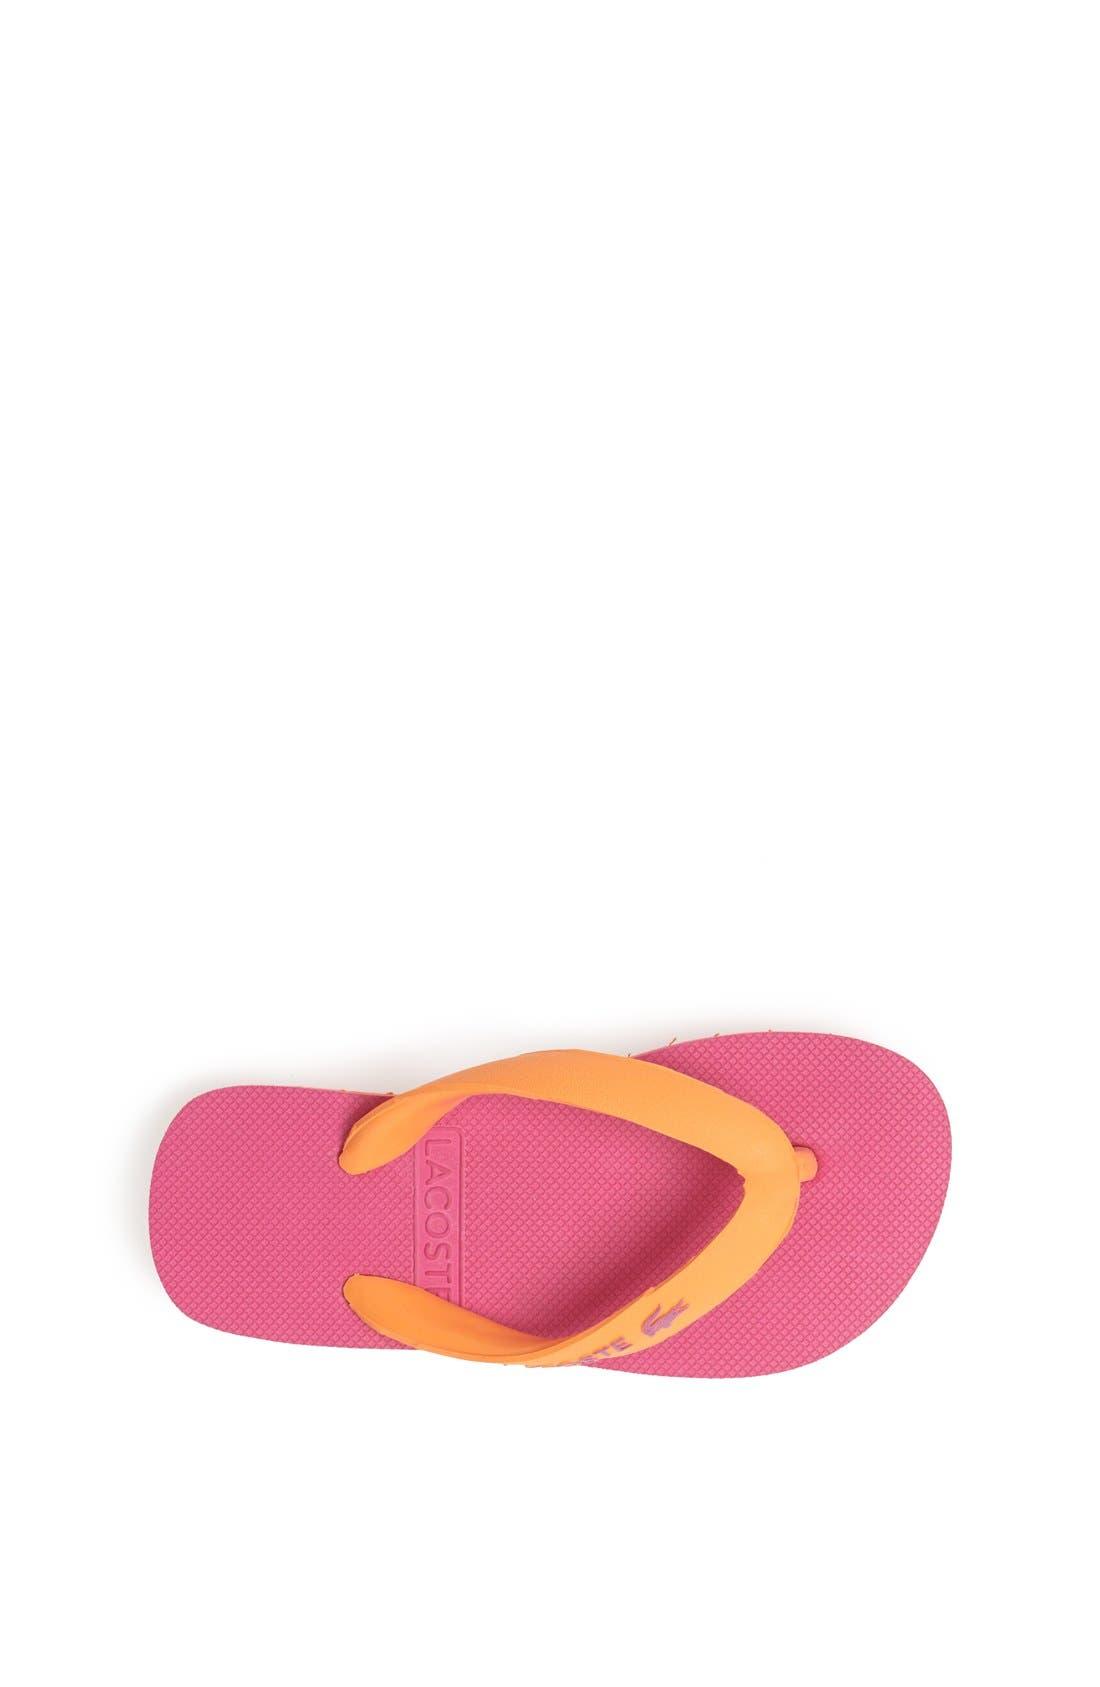 Alternate Image 3  - Lacoste 'Nosara' Flip Flop (Toddler & Little Kid)